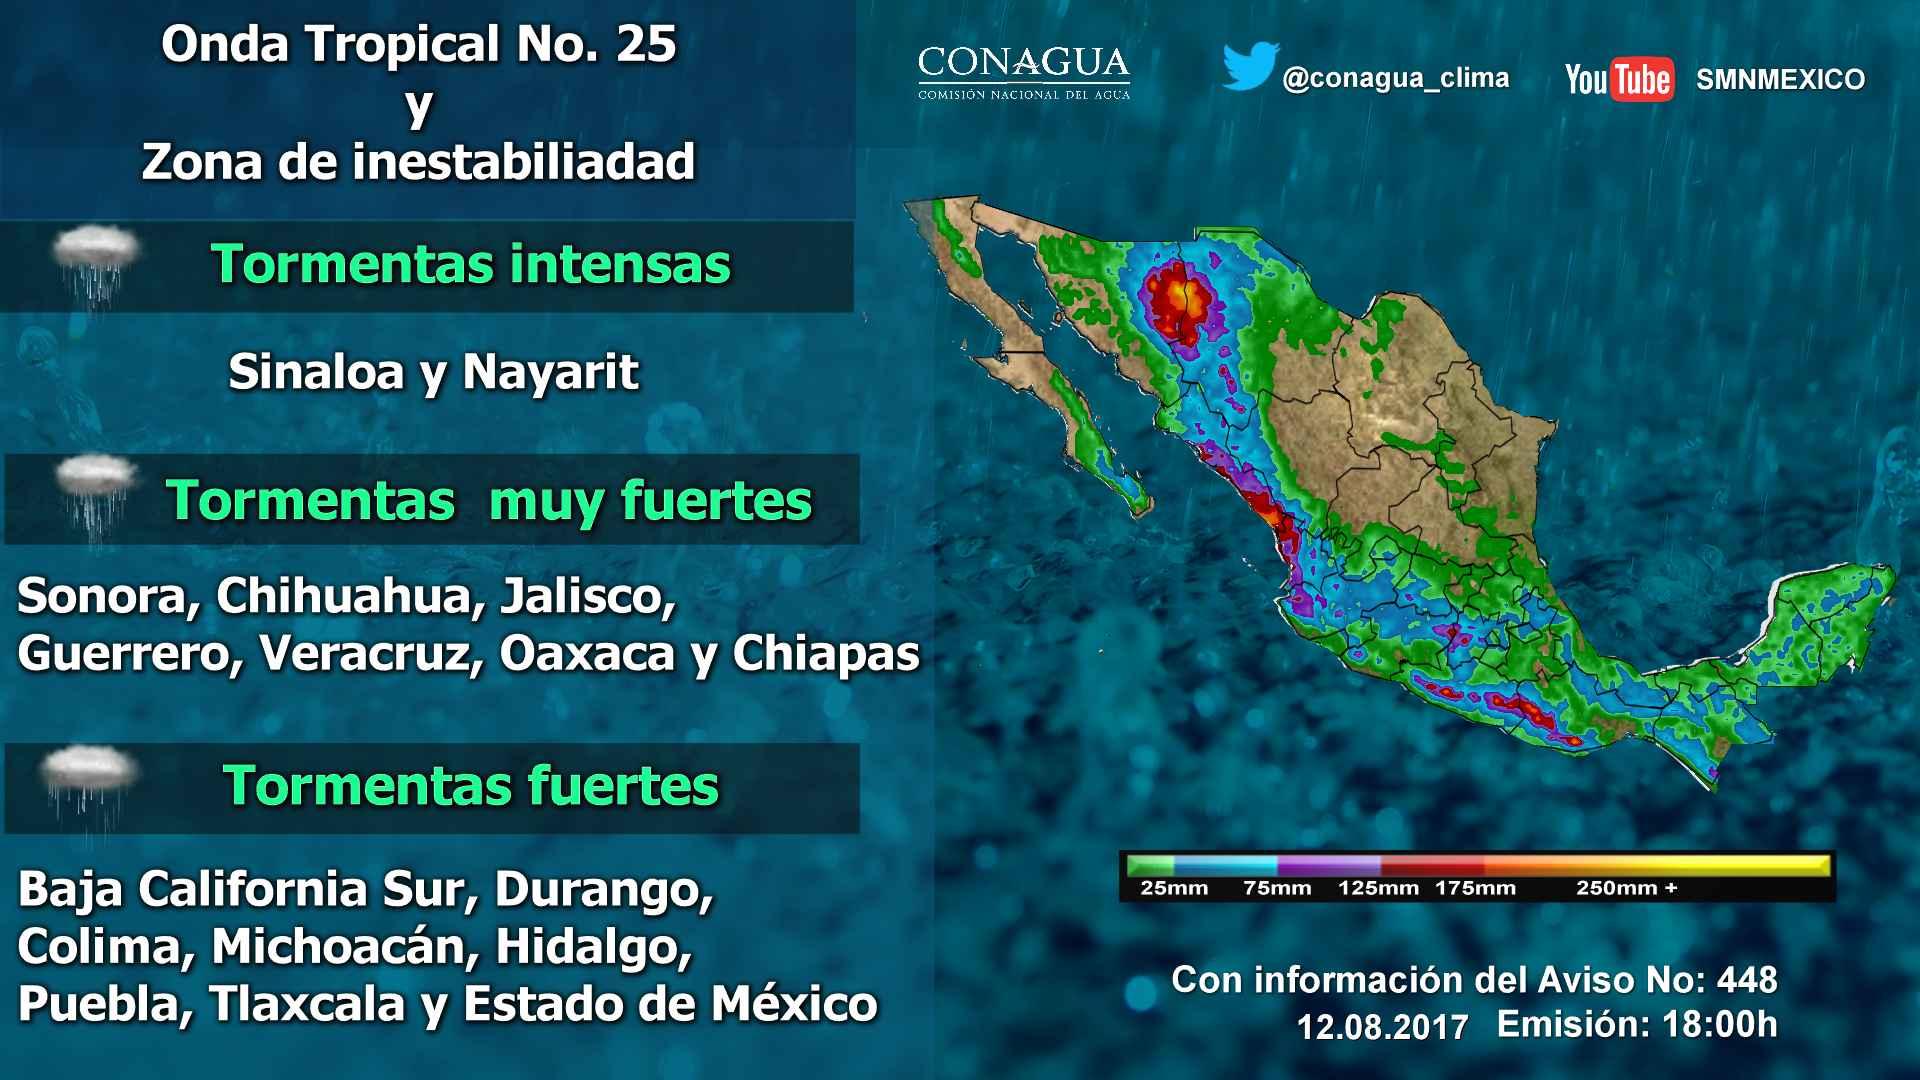 Para las próximas horas se prevén tormentas intensas en Sinaloa y Nayarit